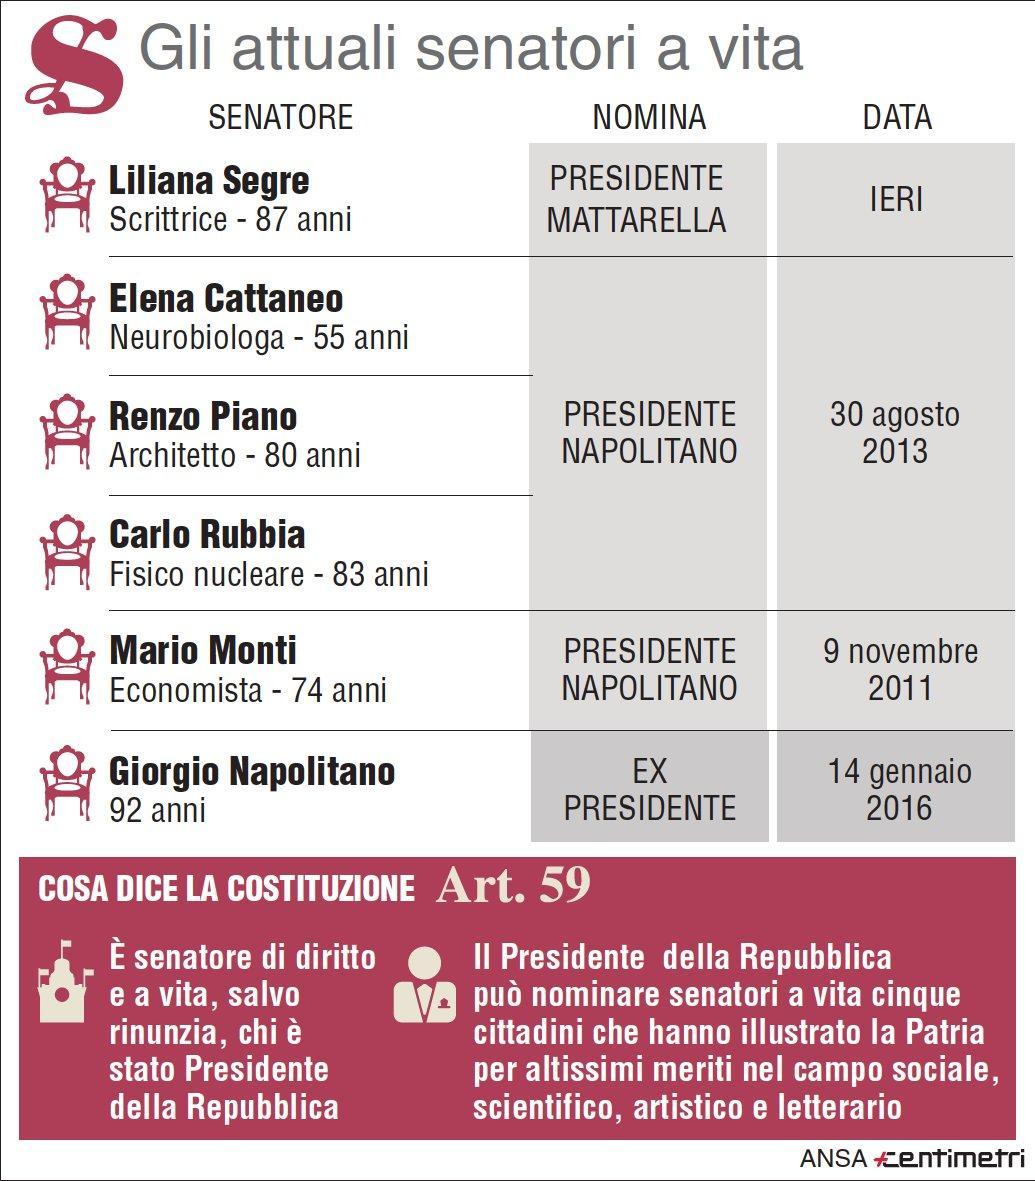 Gli attuali senatori a vita dopo la nomina di Liliana Segre